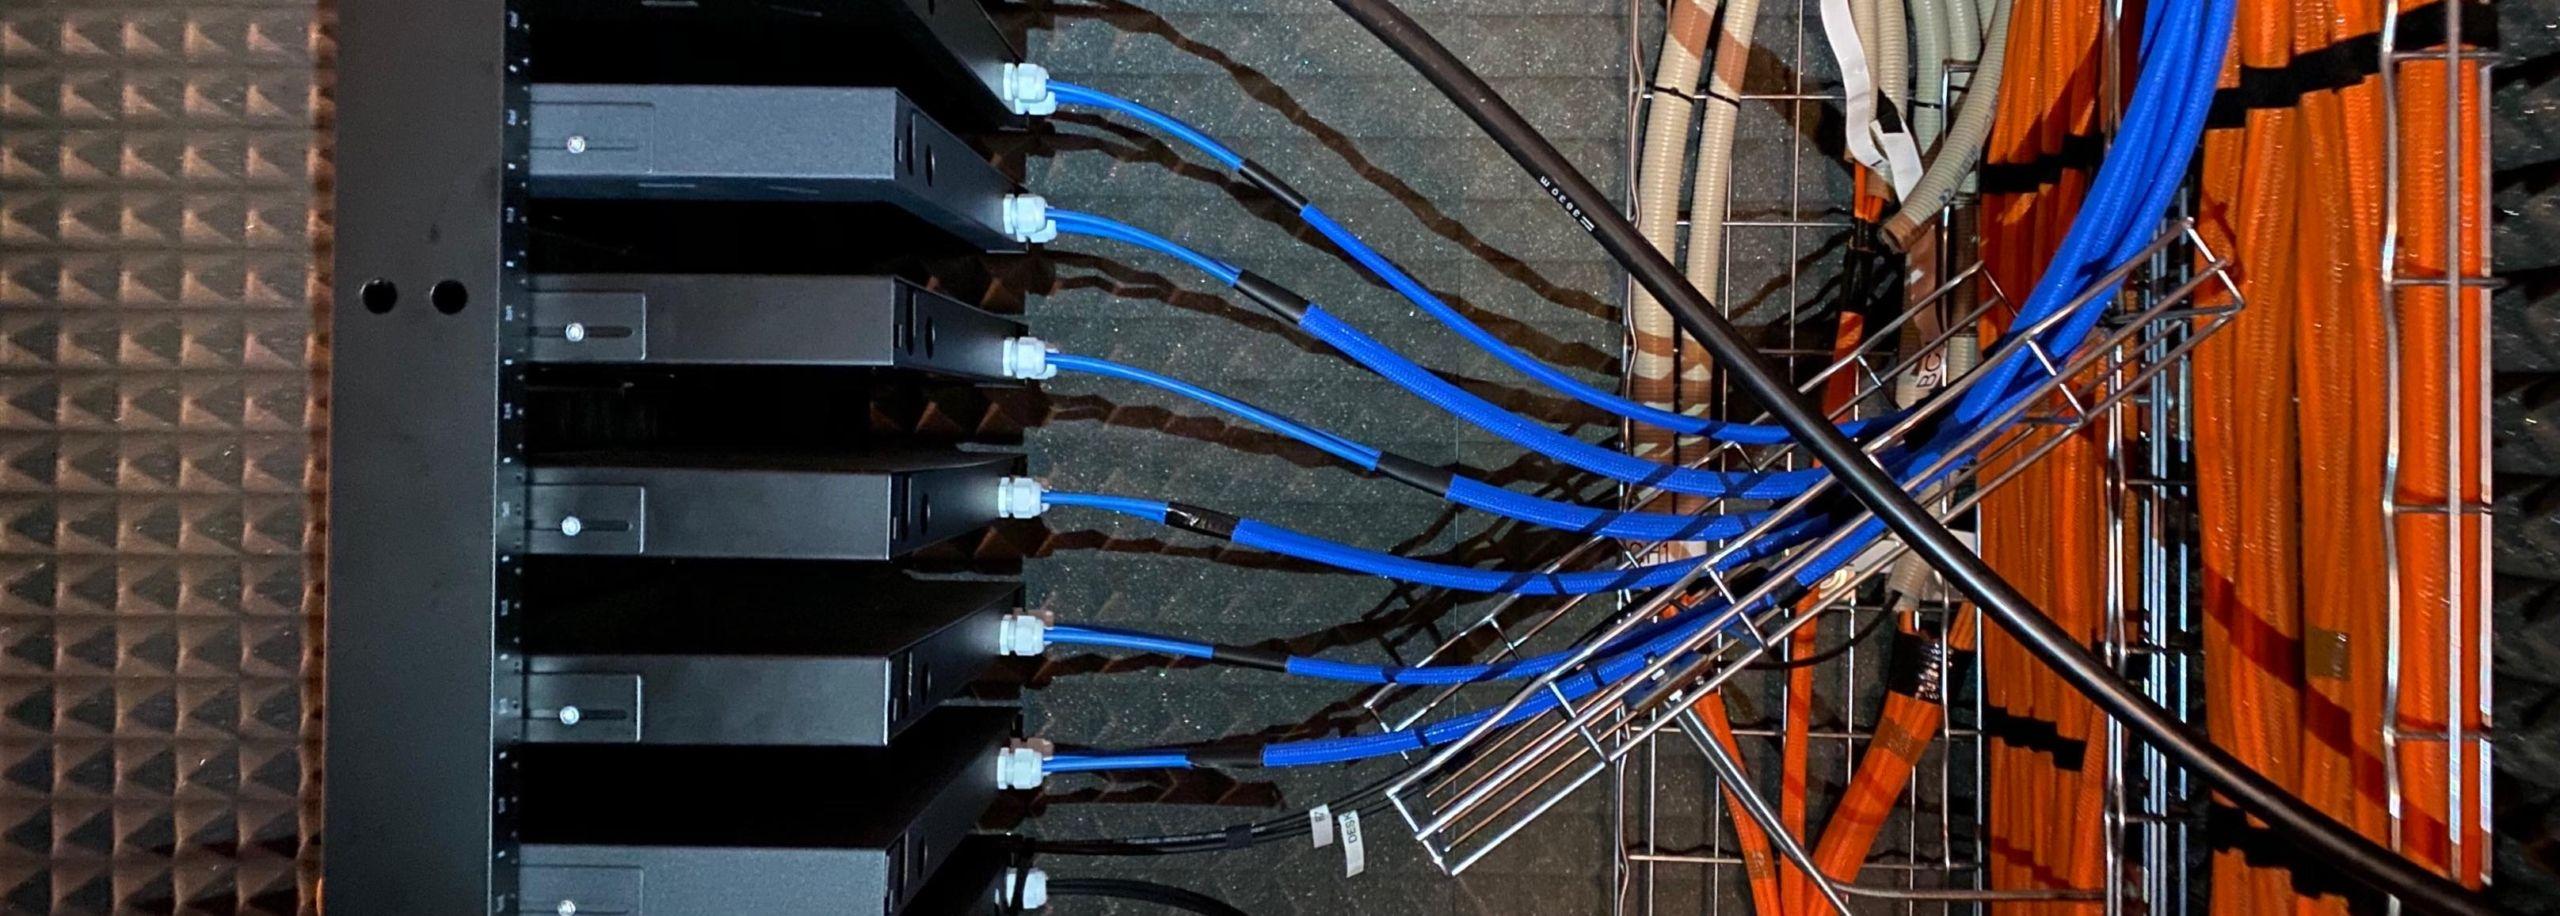 Blaue und rote Kabel eines Rechenzentrums